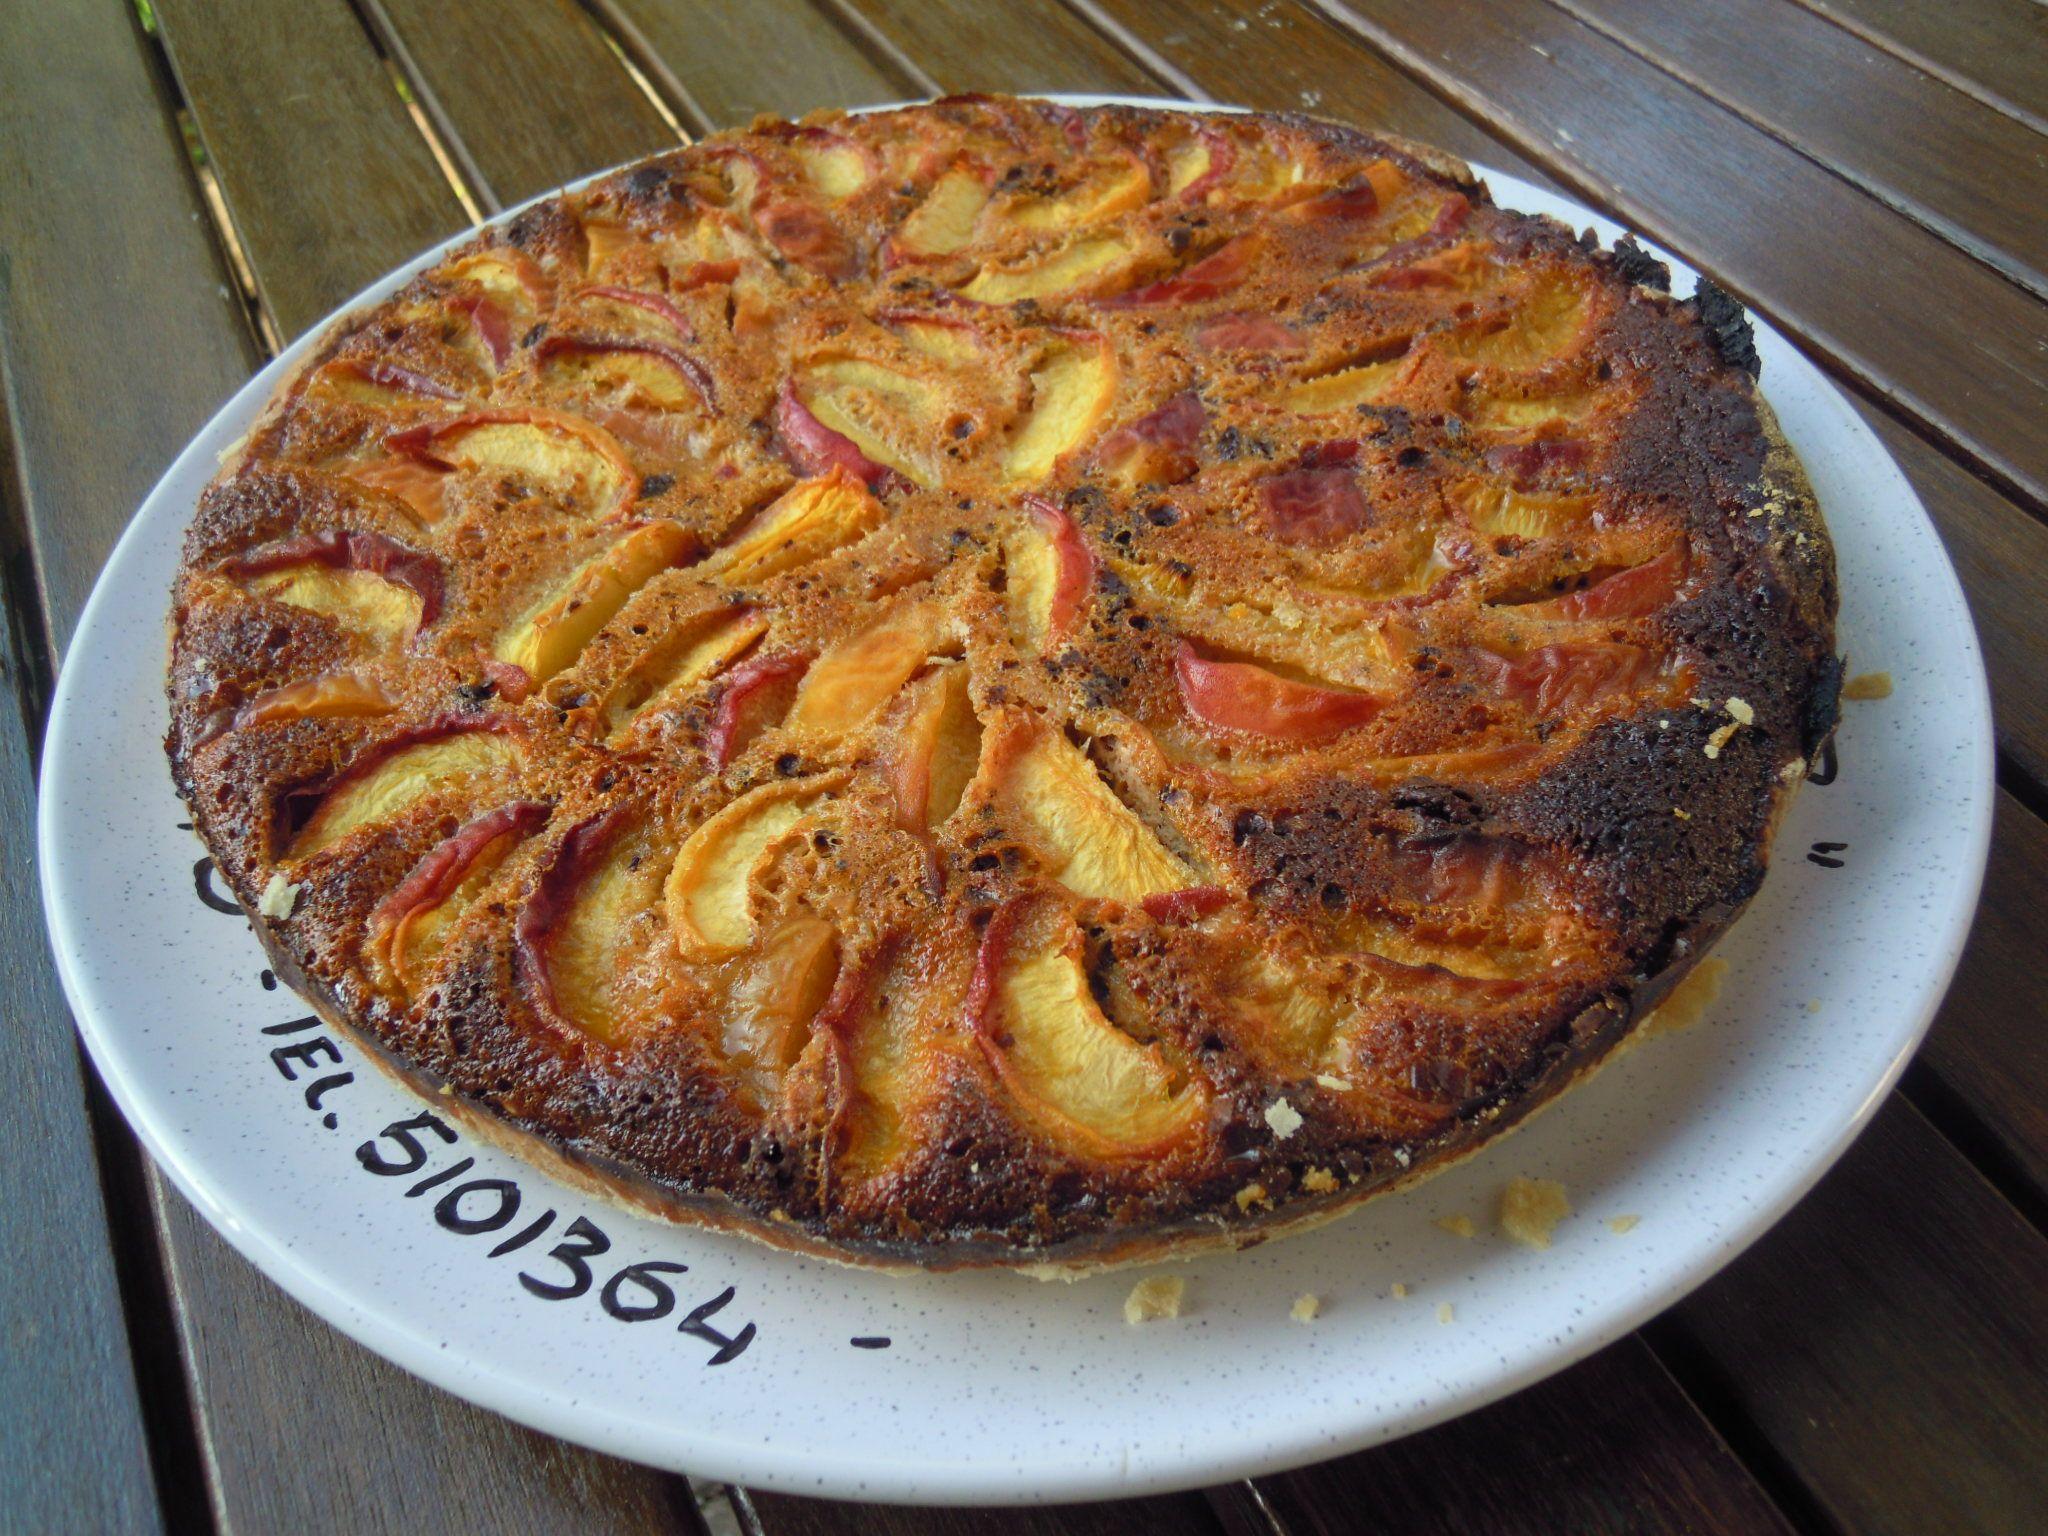 Peach cake, veeeery good!!!